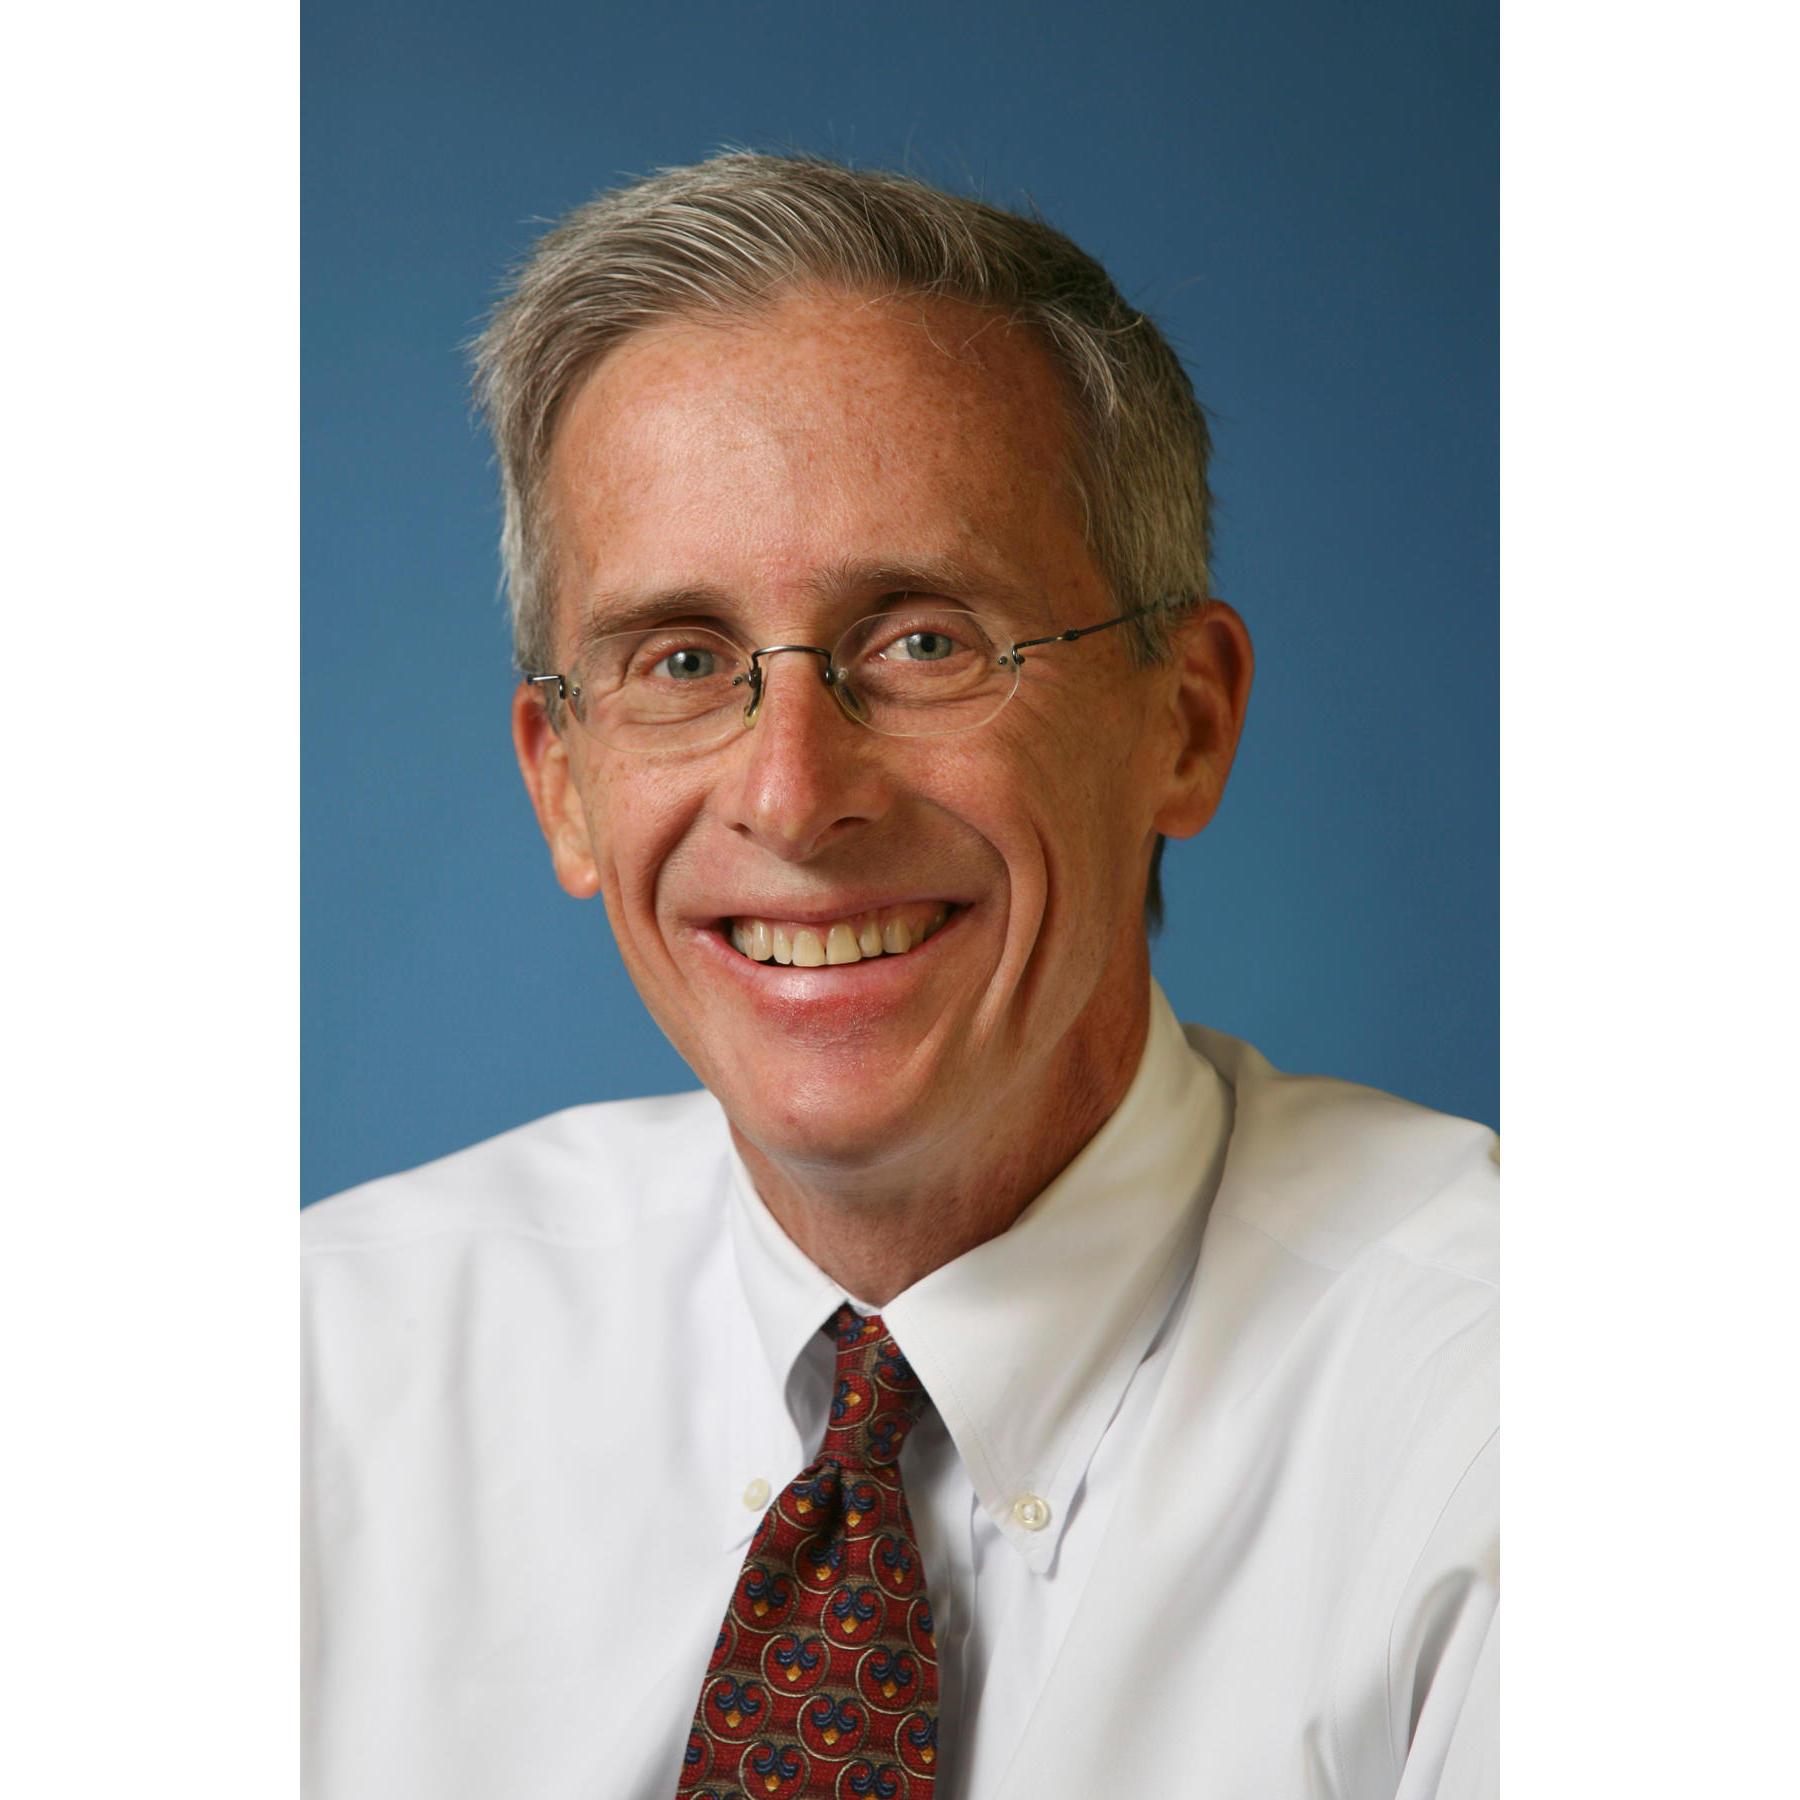 William R. Boydston, MD